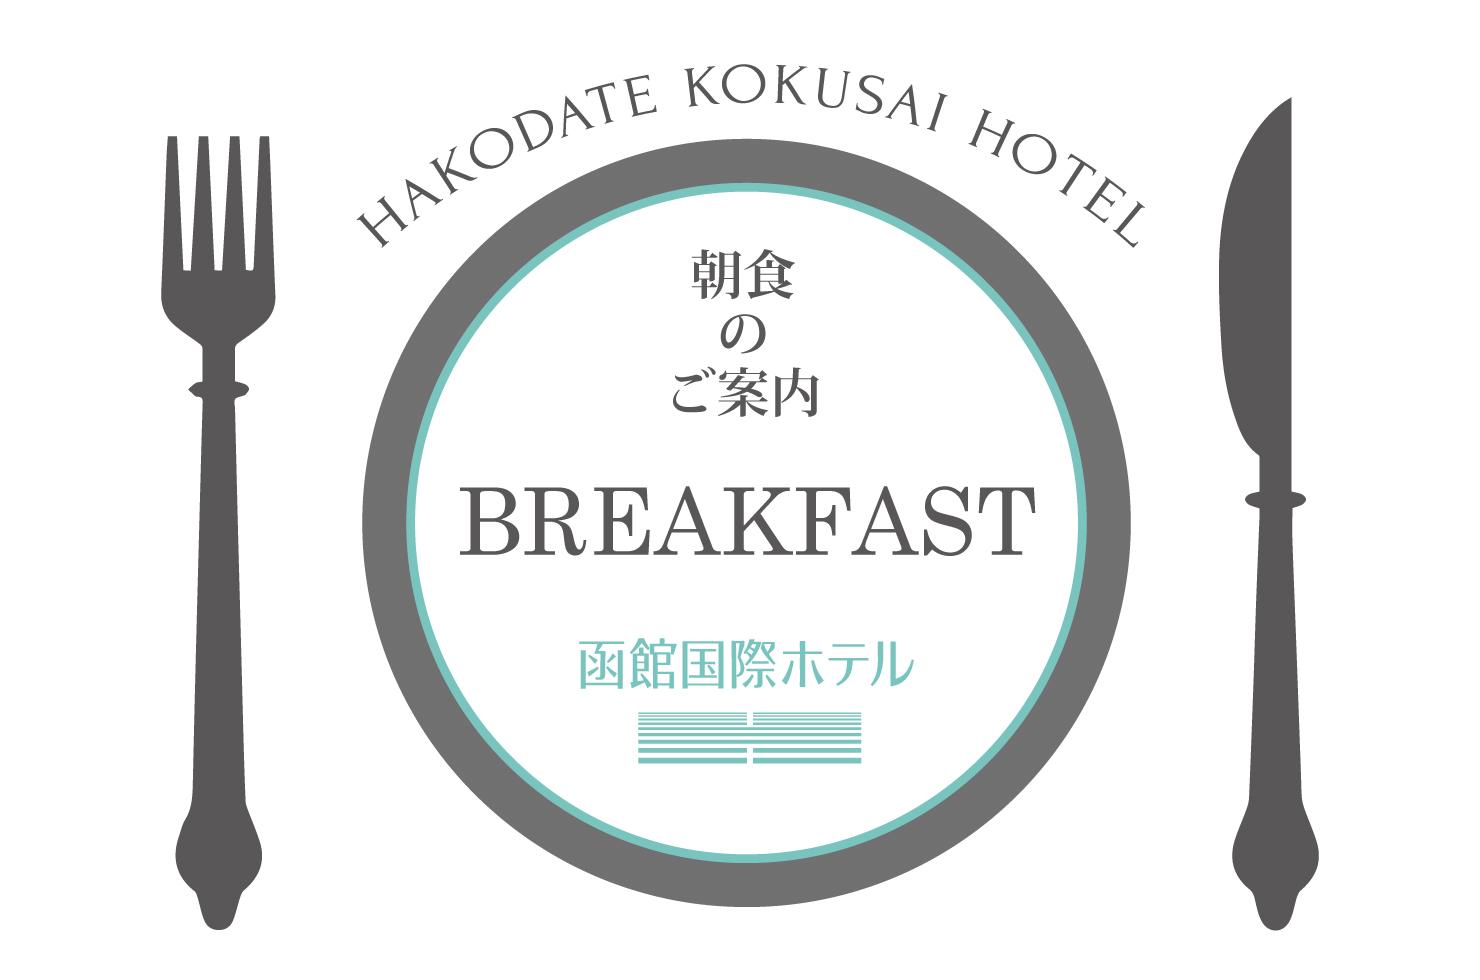 朝食ビュッフェ再開のご案内